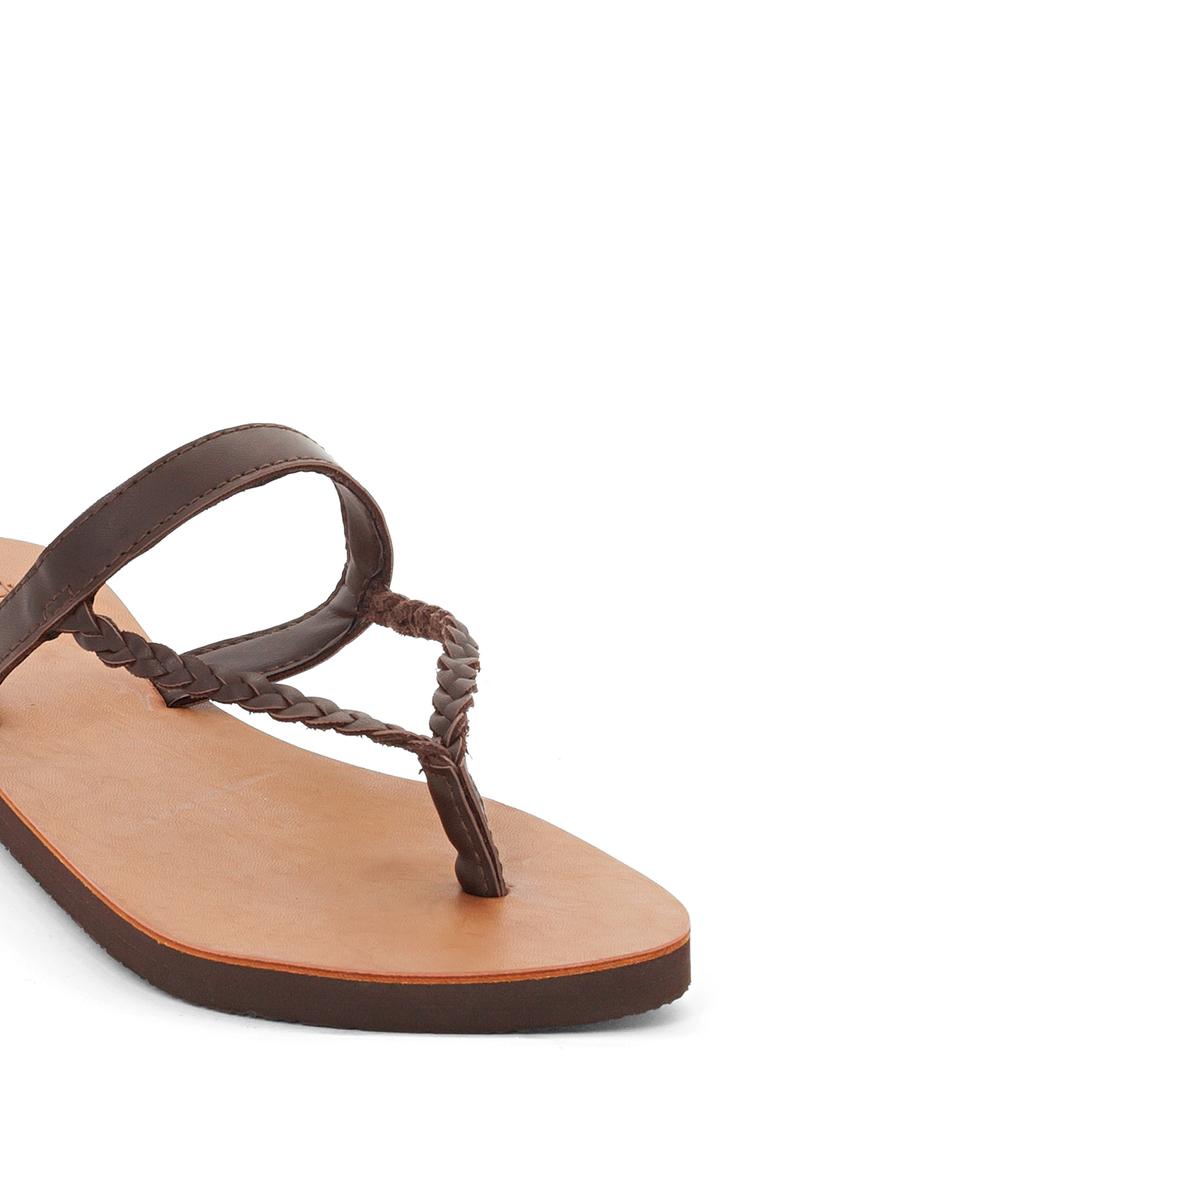 Босоножки LivyВерх/Голенище : синтетика     Стелька : синтетика     Подошва : каучук     Форма каблука : плоский каблук     Мысок : открытый мысок     Застежка : ремешок/пряжка<br><br>Цвет: темно-бежевый